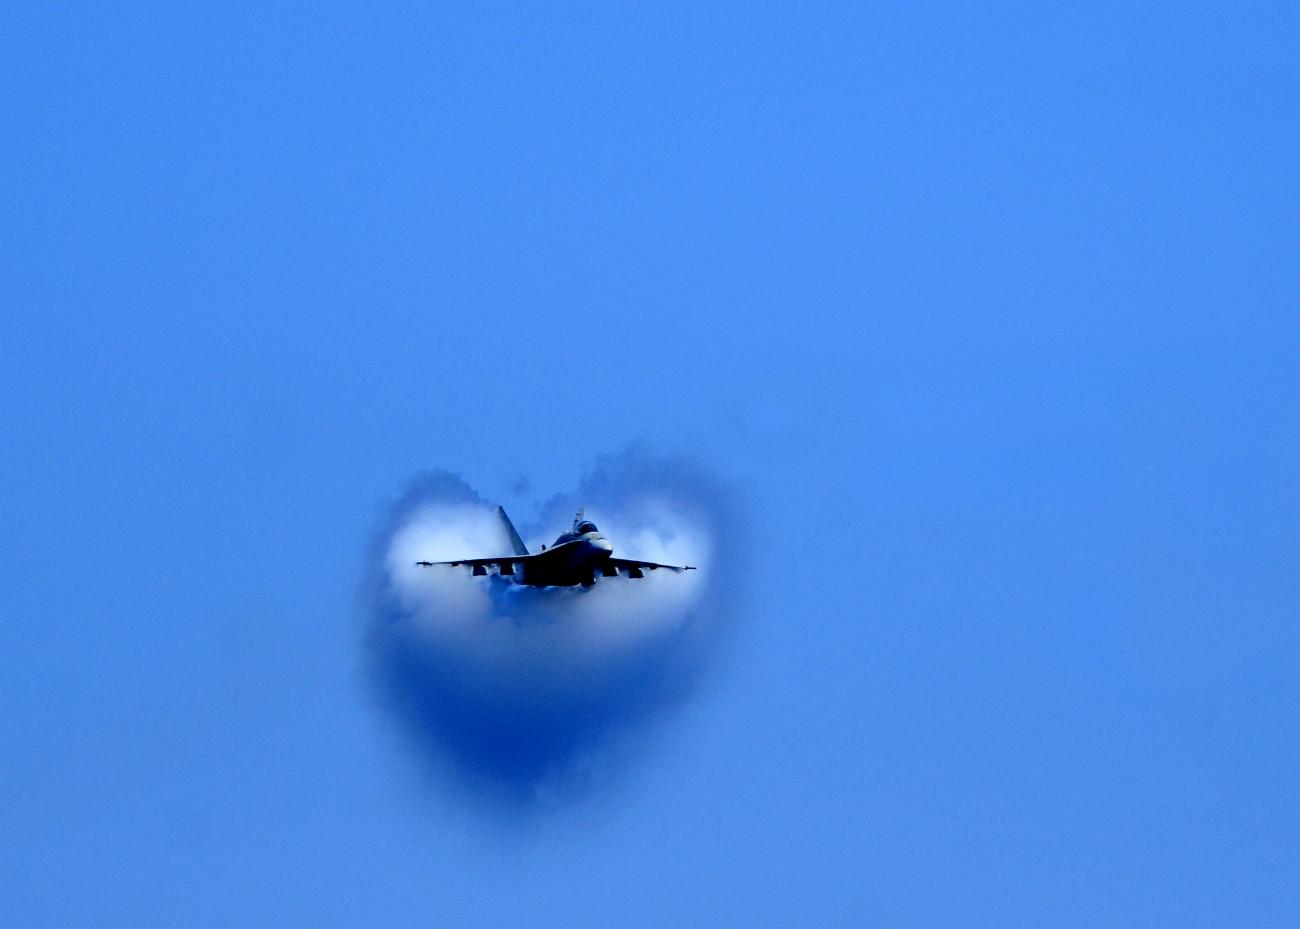 FA-18F Super Hornet breaks through the sound barrier during an air power demo